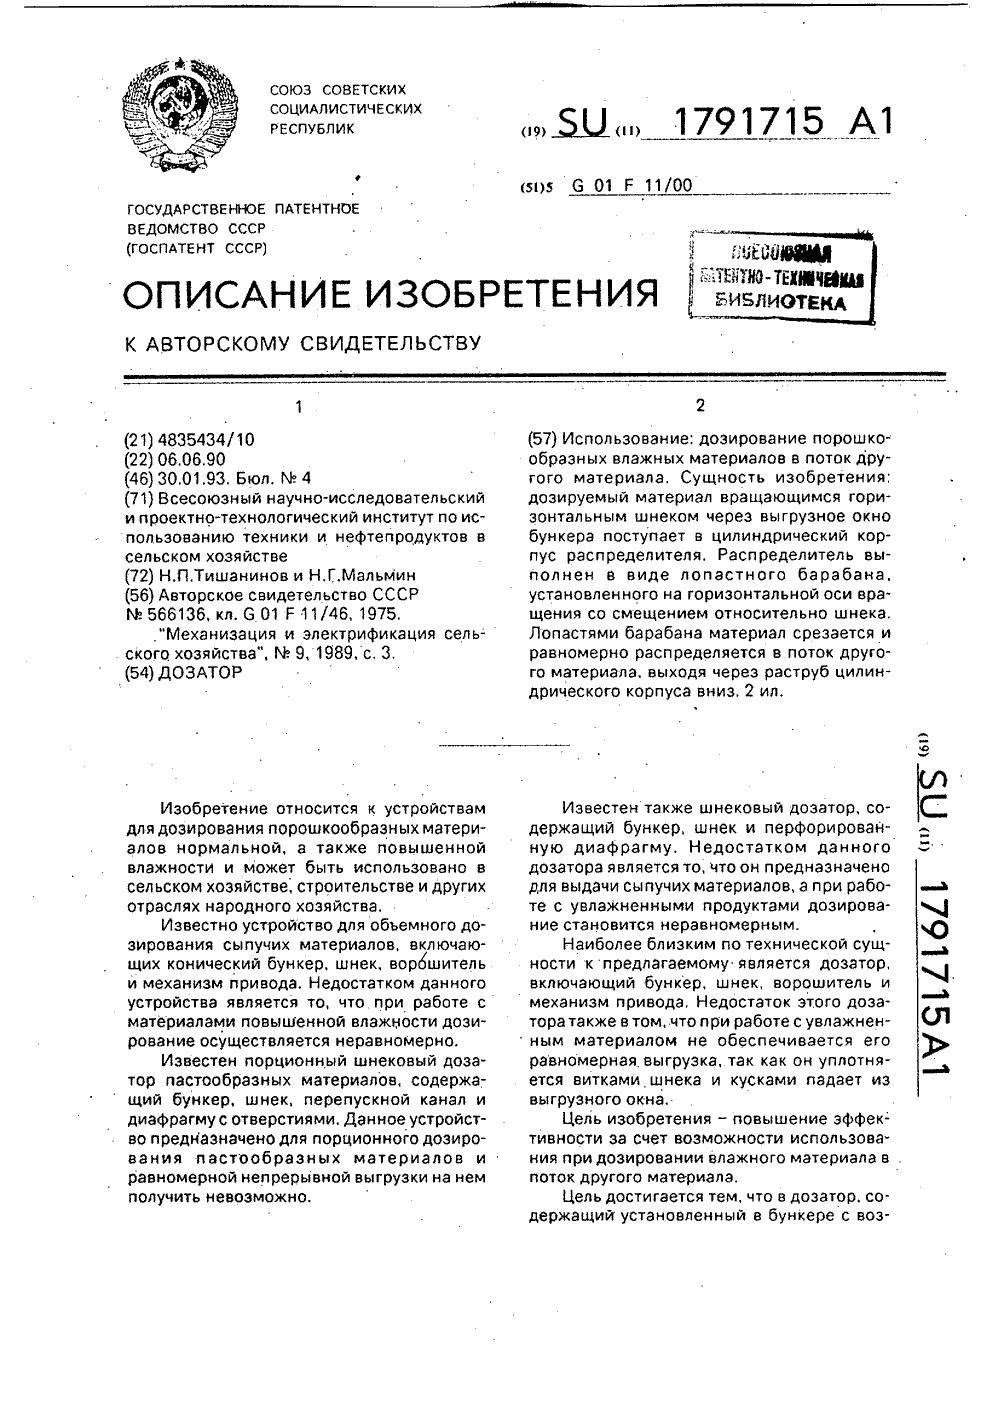 Трихроматический